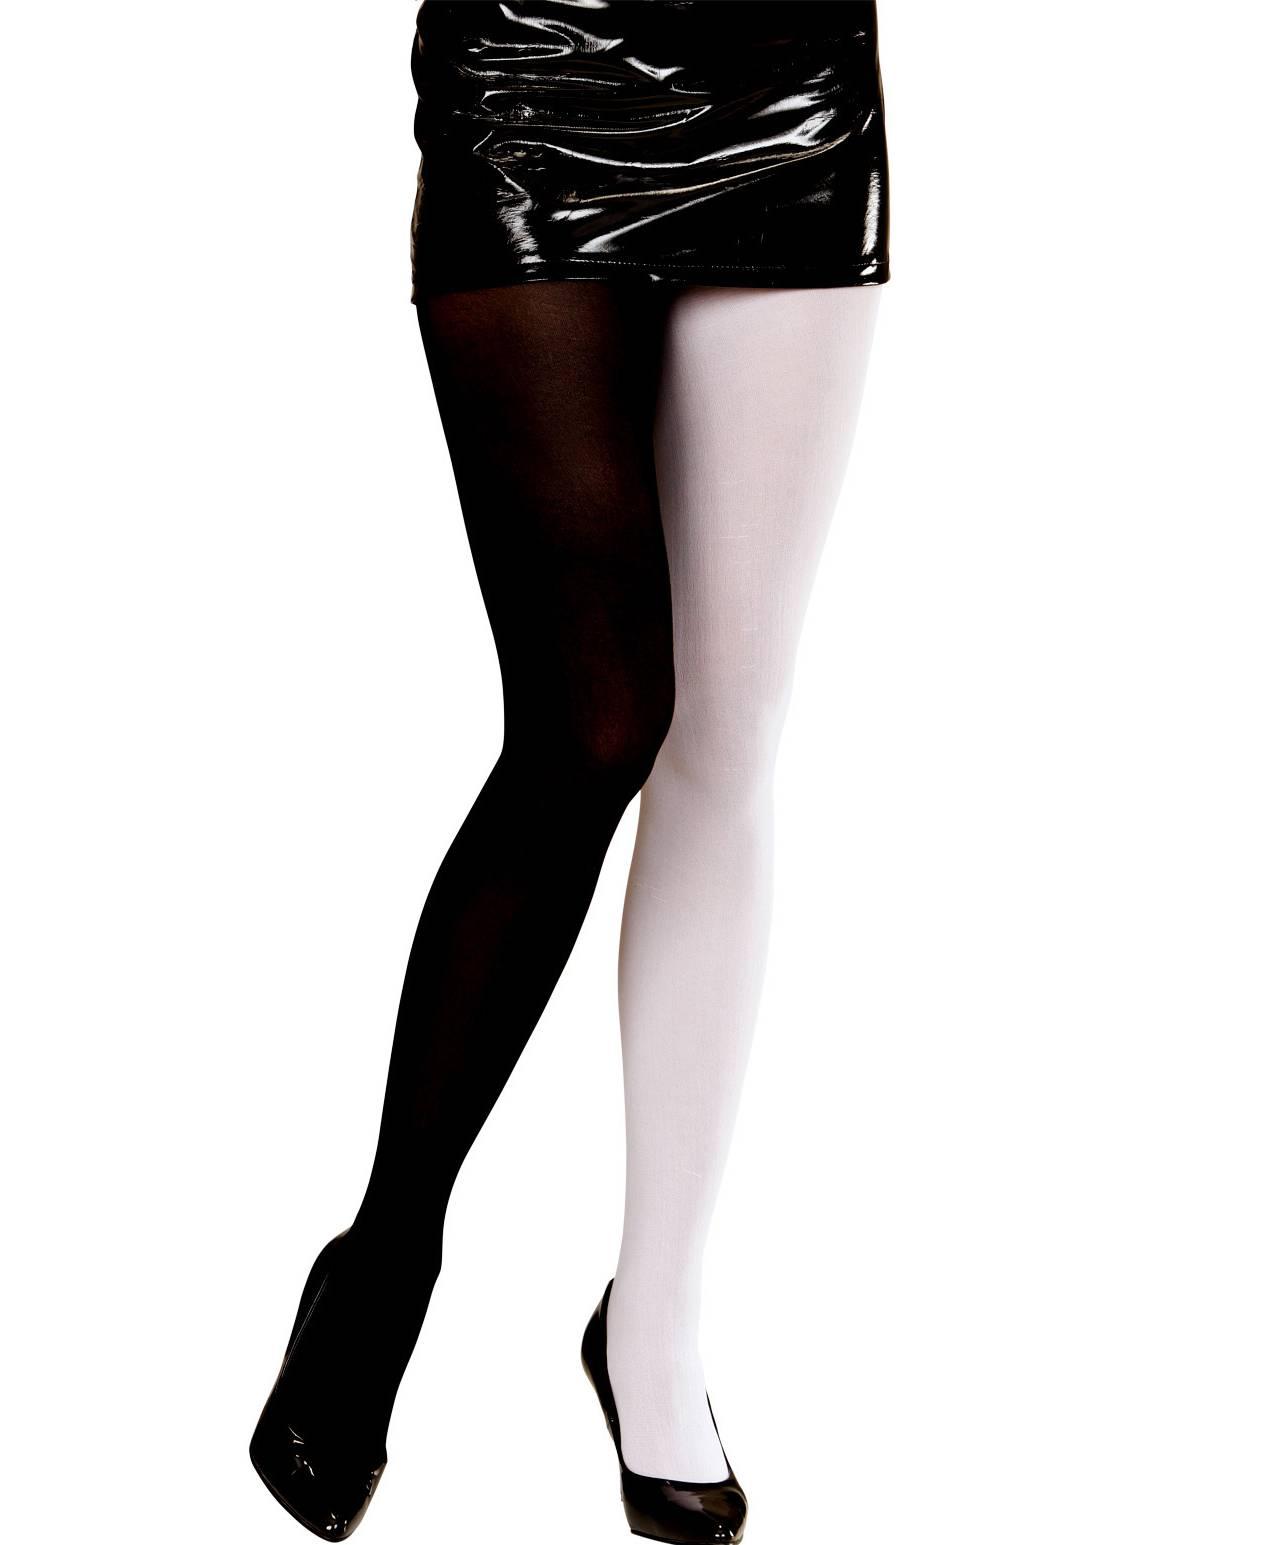 Collant-noir-et-blanc-XL